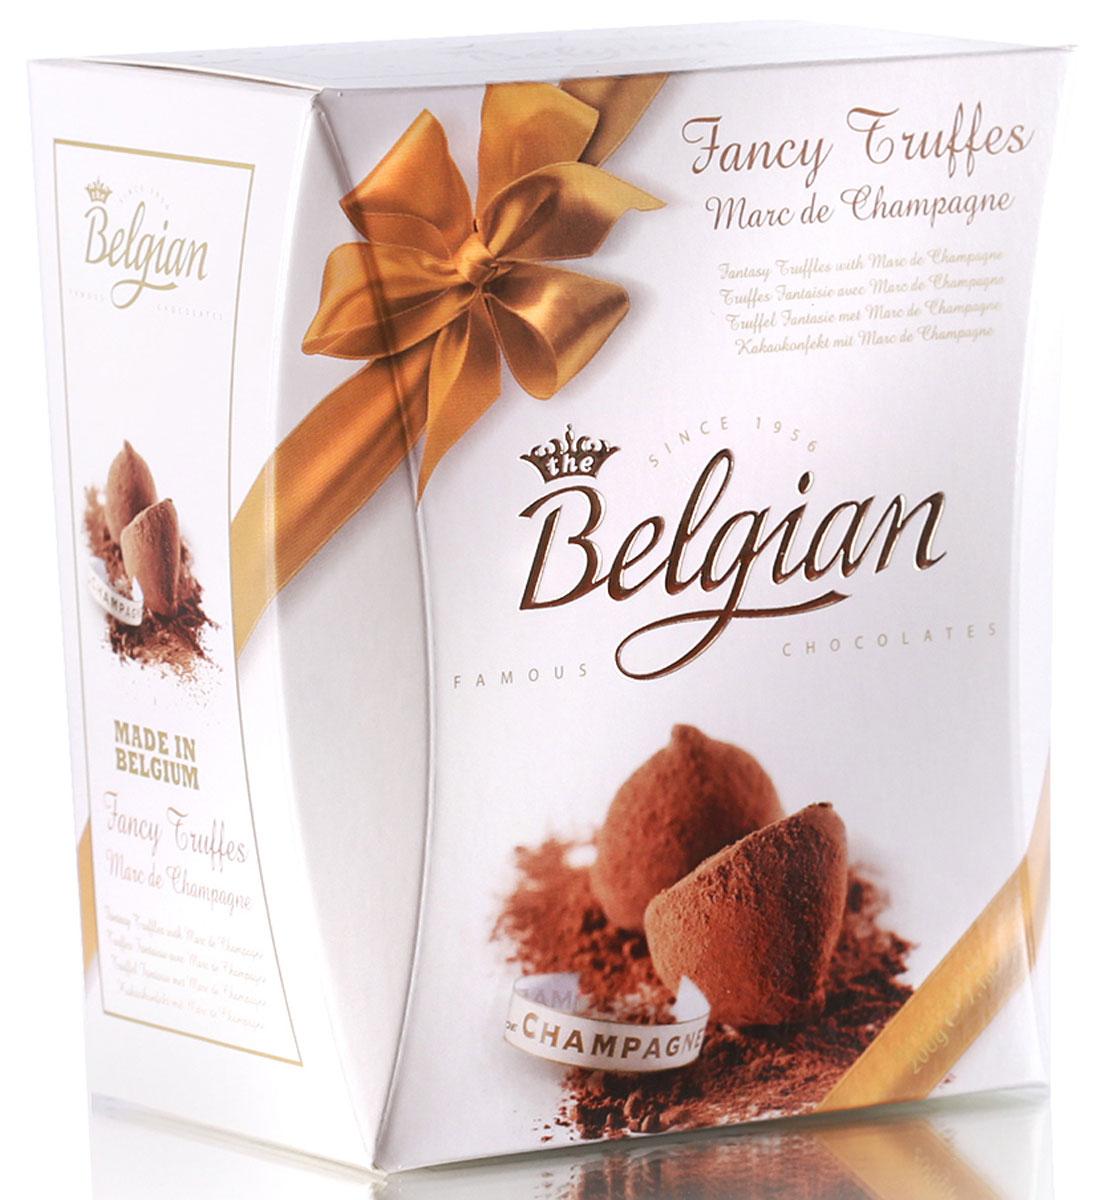 The Belgian Трюфели с ароматом шампанского, 200 г the belgian трюфели с кусочками апельсинов 200 г